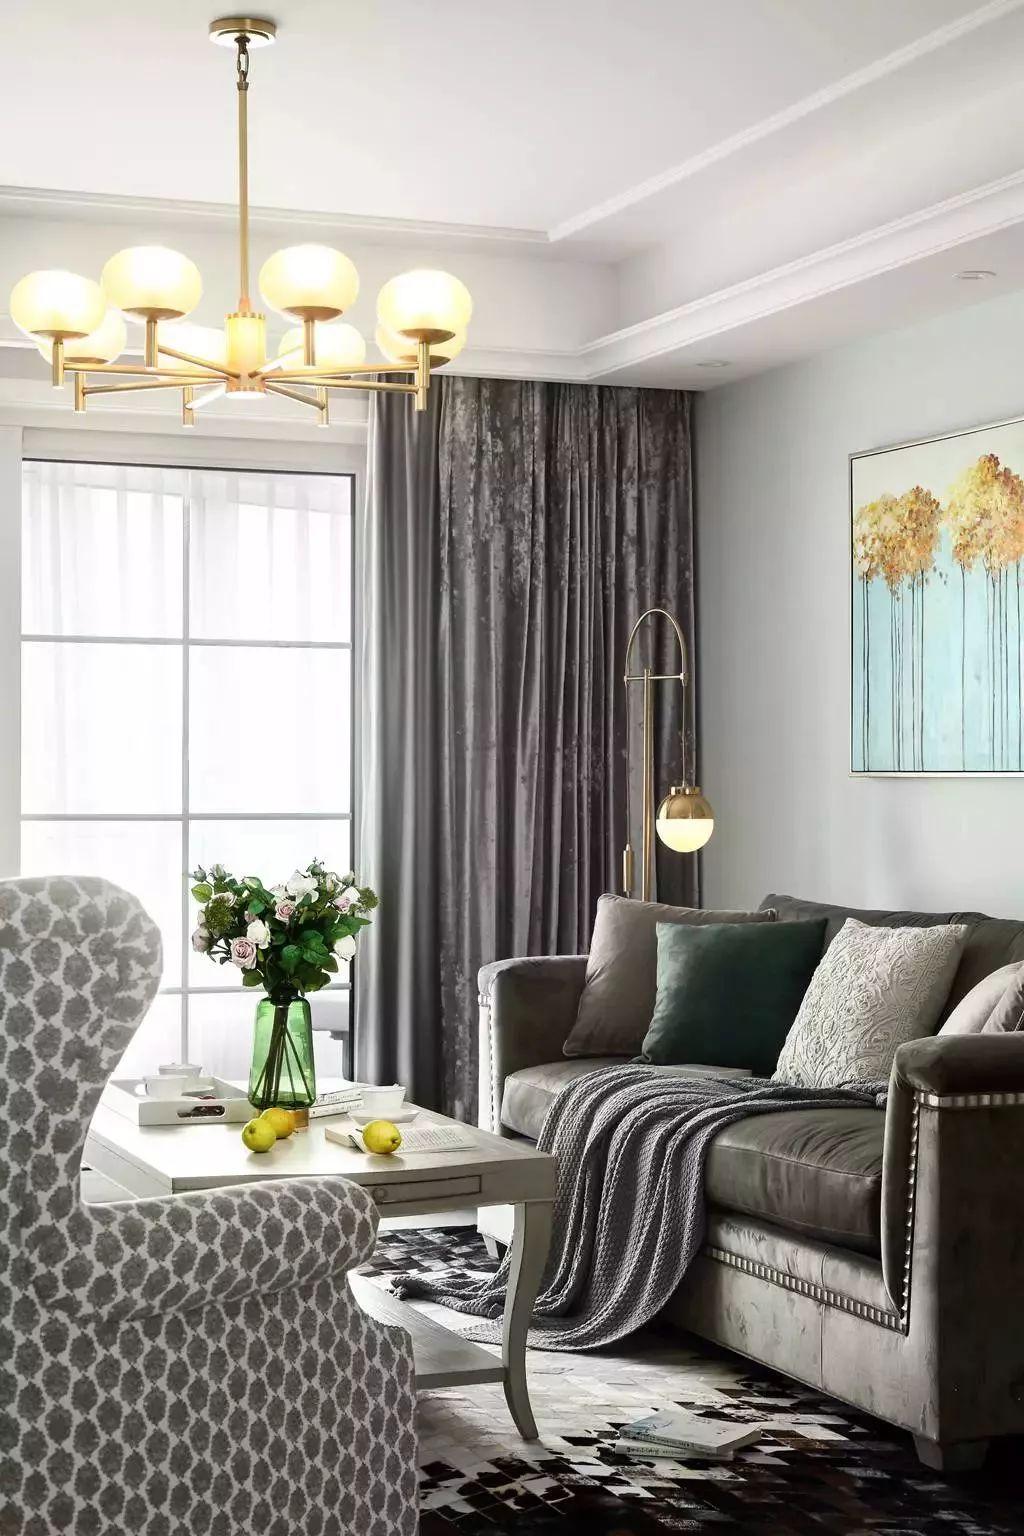 挂上一款灰色的做旧质感窗帘,透露出一种满是阅历的岁月痕迹,给客厅注入一种平凡但不庸俗的品味格调。